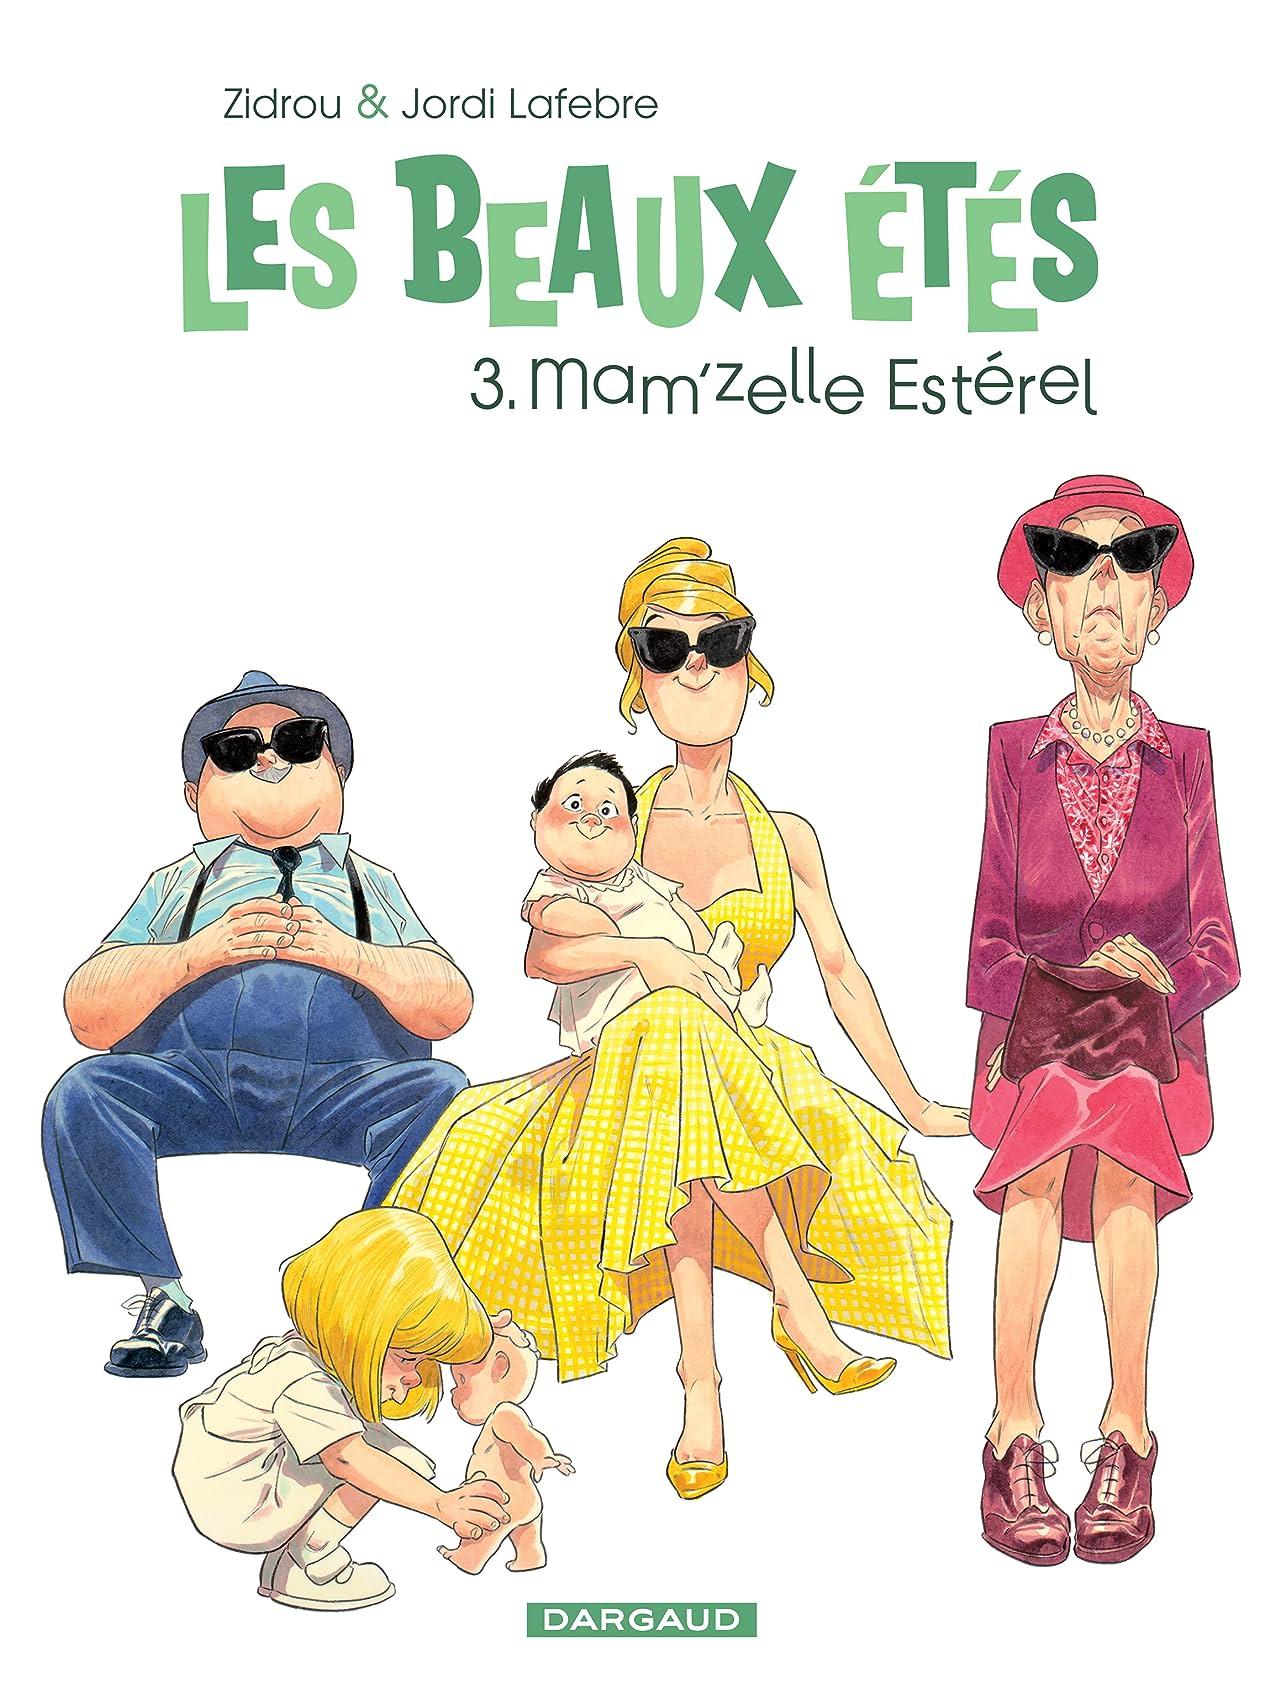 Les Beaux Étés Vol. 3: Mam'zelle Estérel